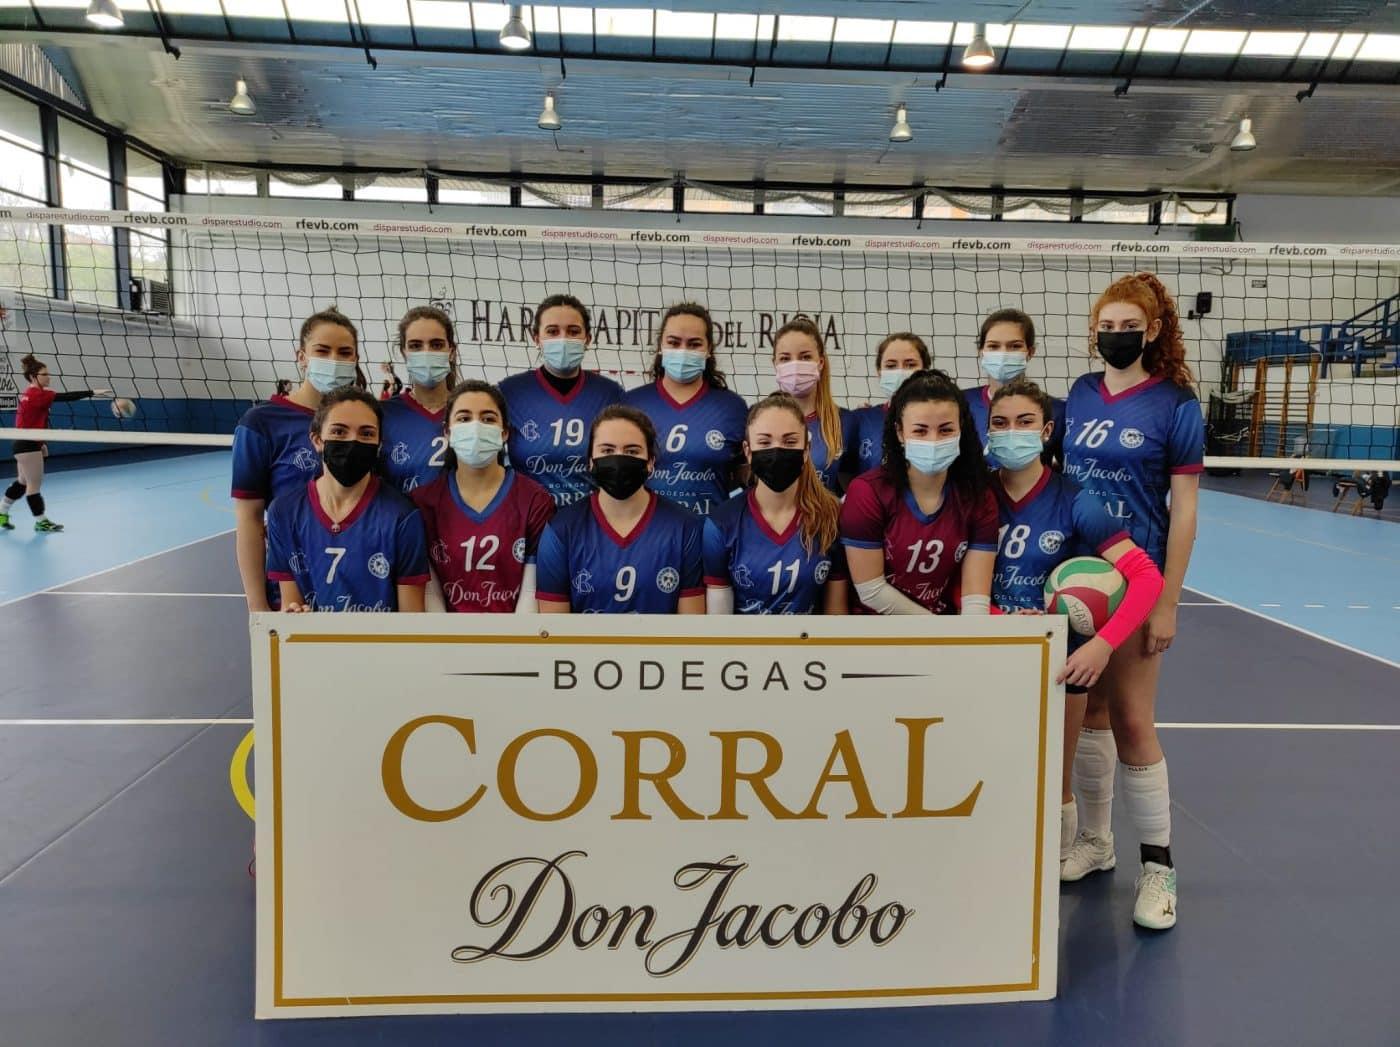 Bodegas Corral